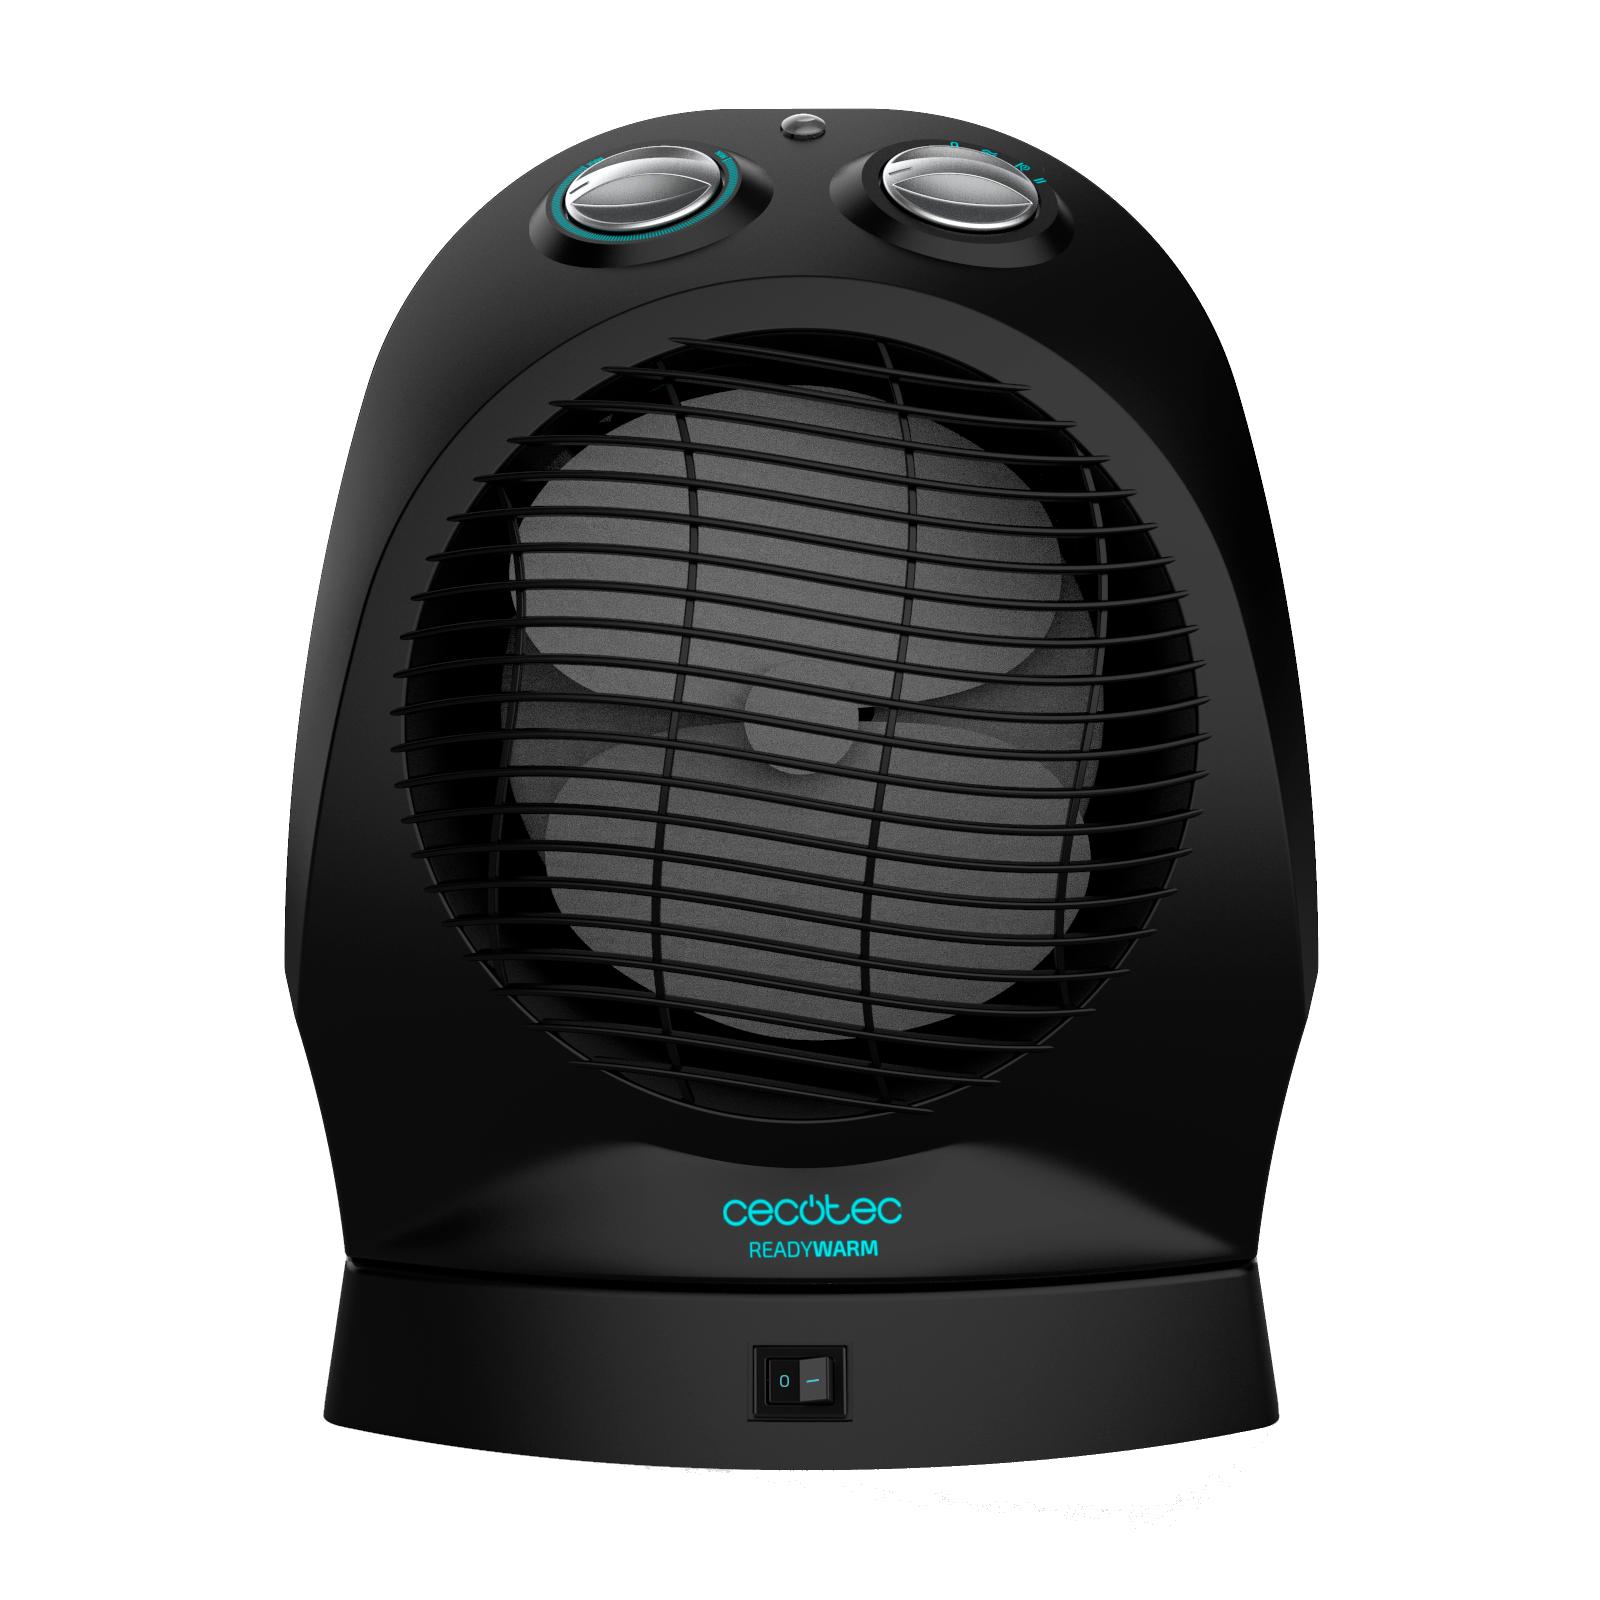 Cecotec Calefactor Ready Warm 360º. Distribución Homogénea, Termostato Regulable, 3 Modos, Protección Sobrecalentamiento, Sensor